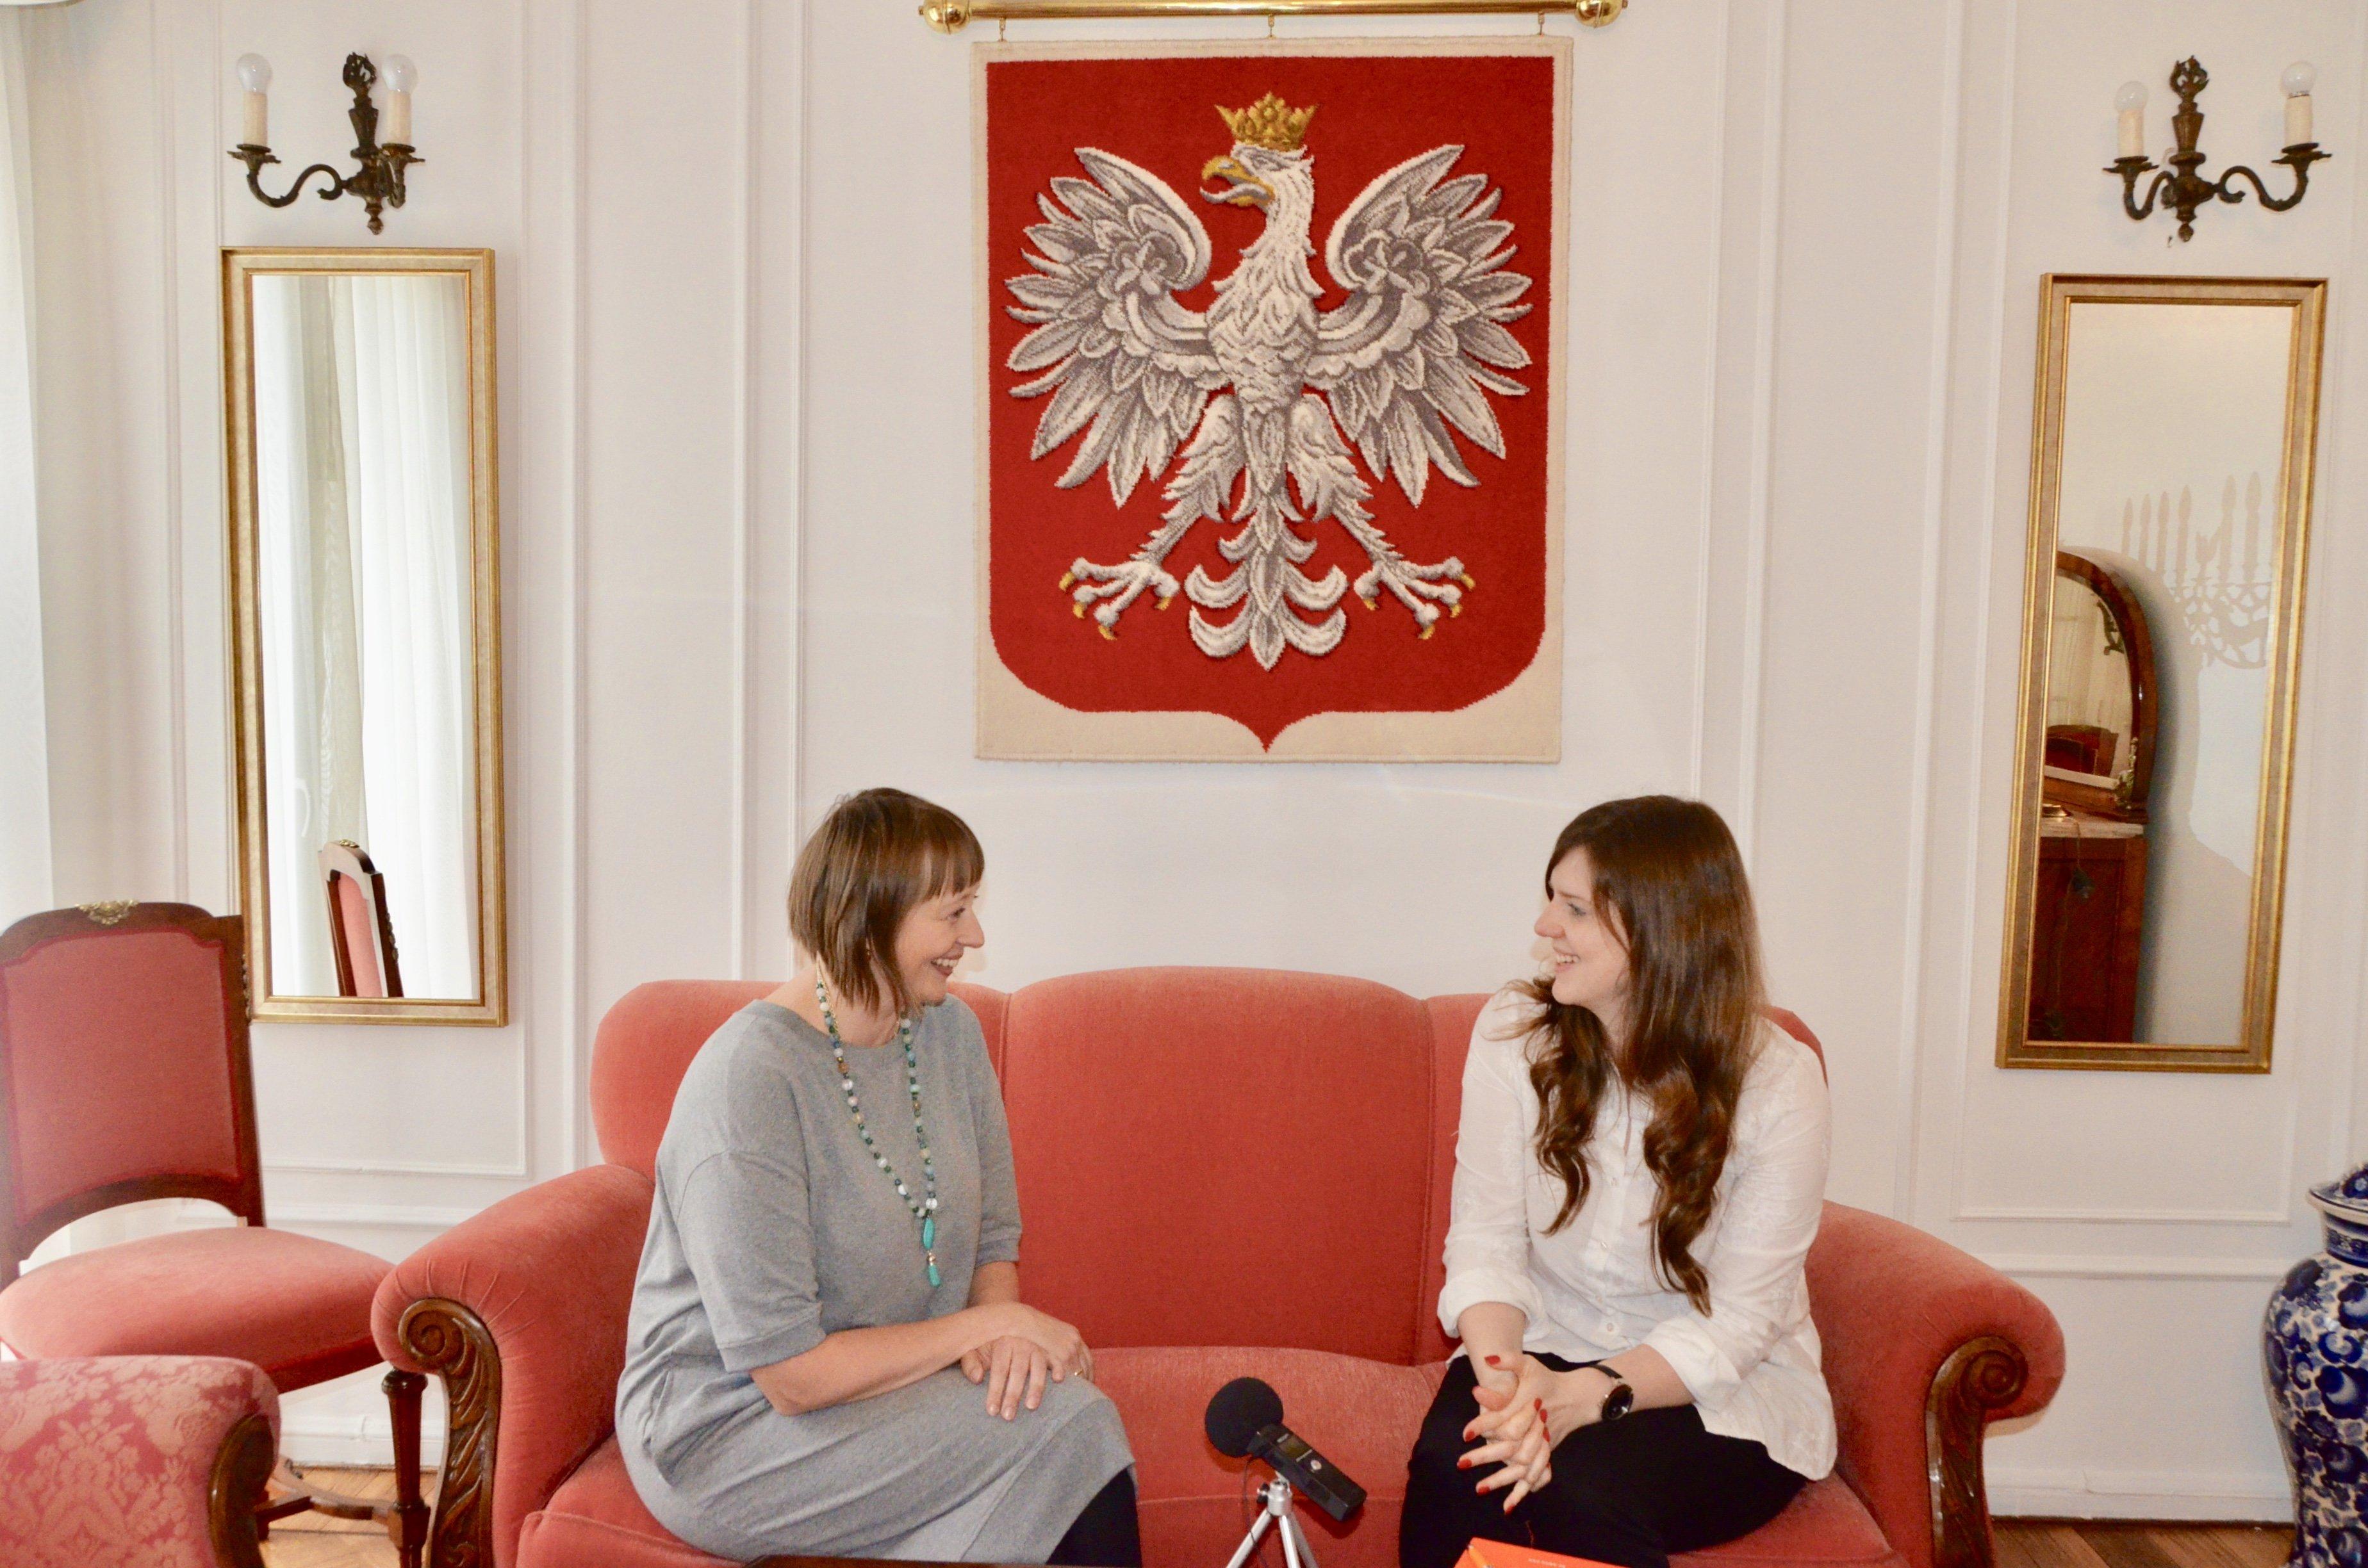 [WYWIAD] Trzeba tu przyjechać z otwartą głową – Aleksandra Piątkowska, ambasador RP w Chile